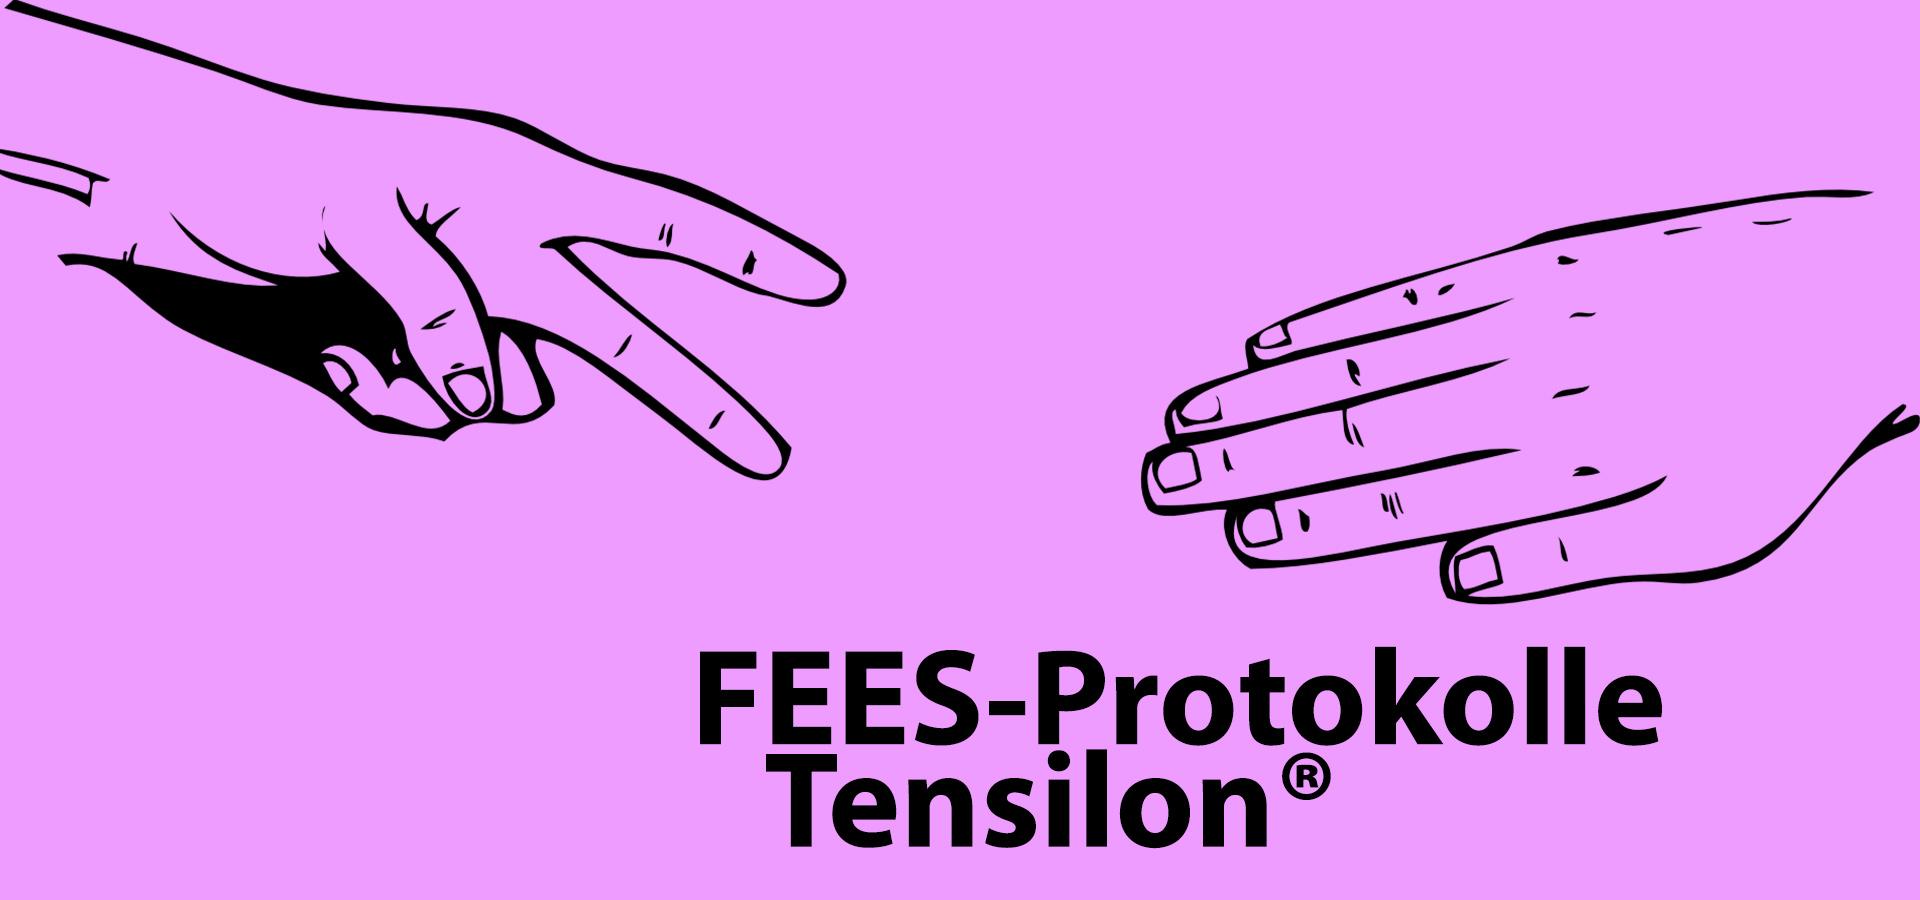 FEES Protokolle FEES Tensilon Test